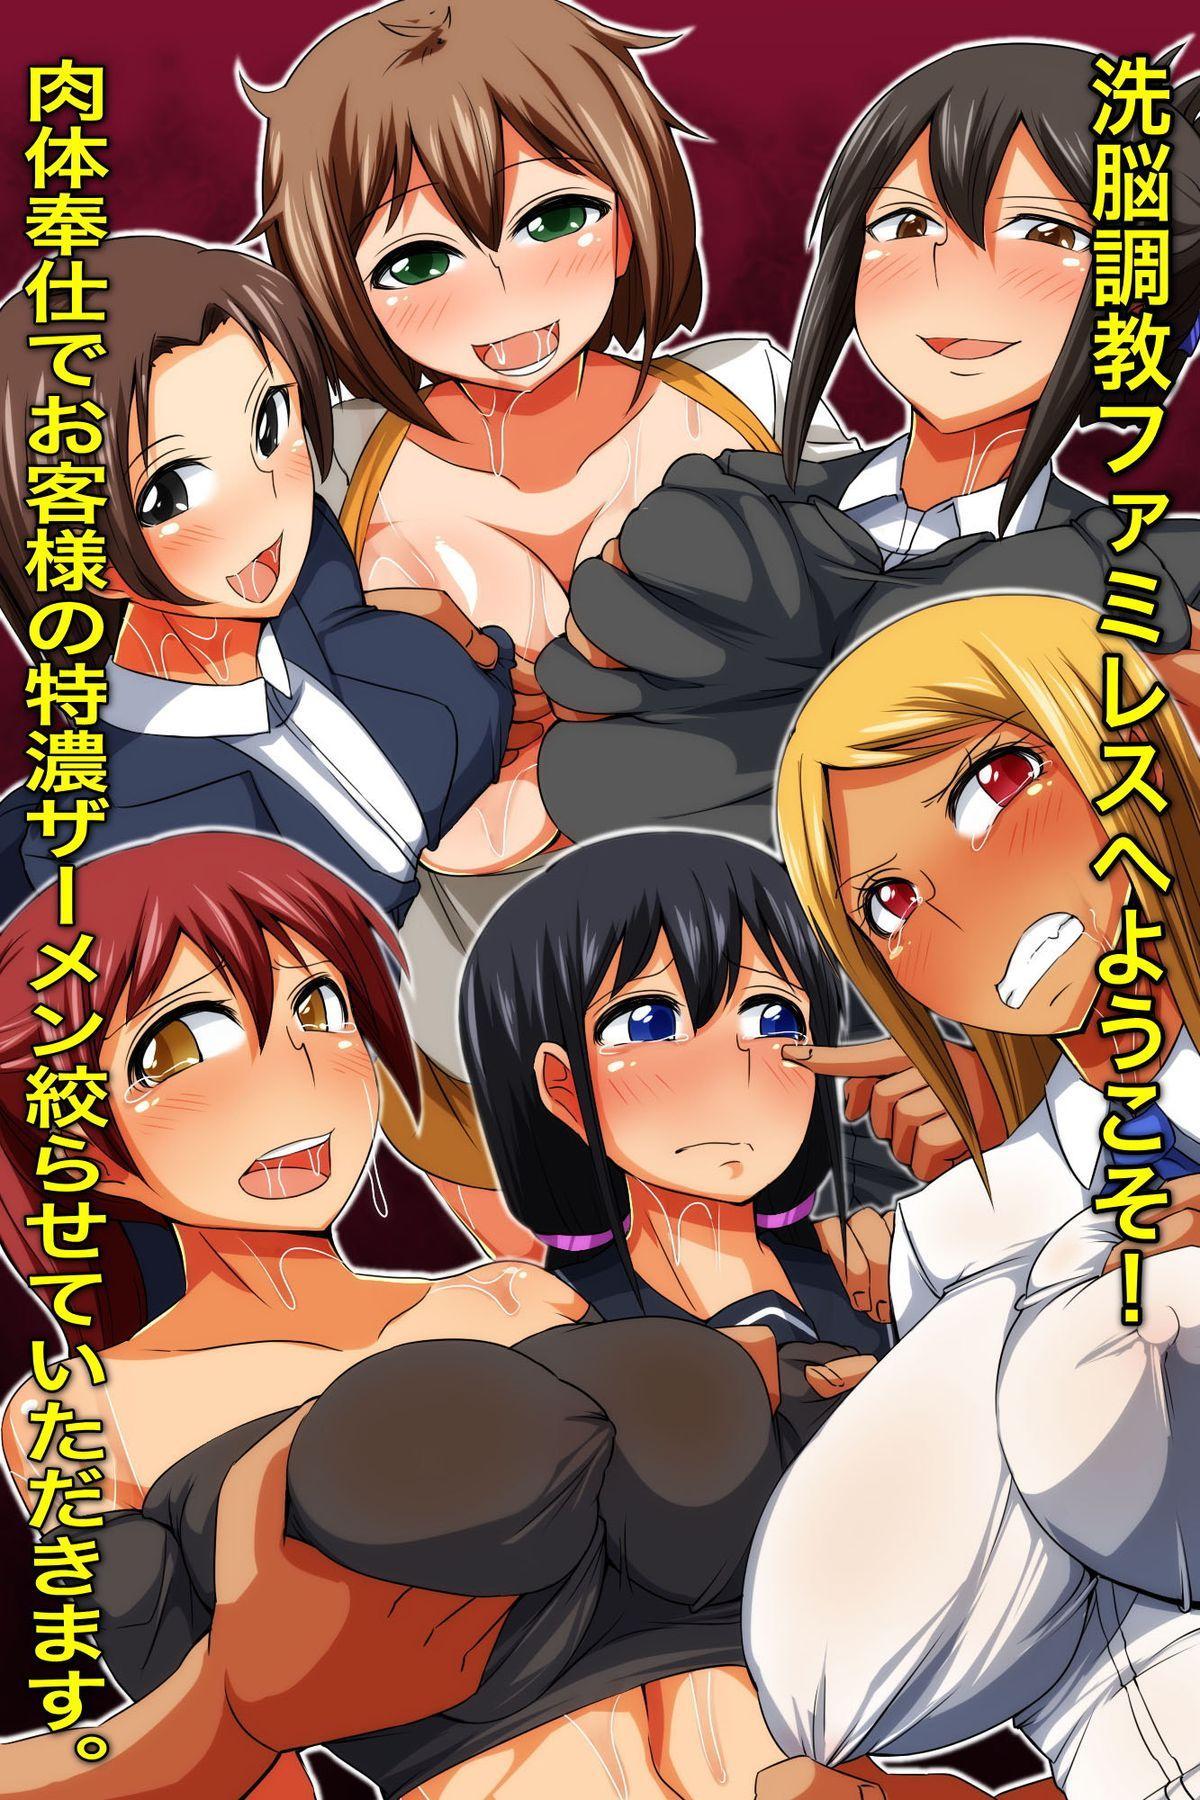 Sennou Choukyou Famires e Youkoso! Nikutai Houshi de Okyaku-sama no Tokunou Semen Shiborasete Itadakimasu. 0